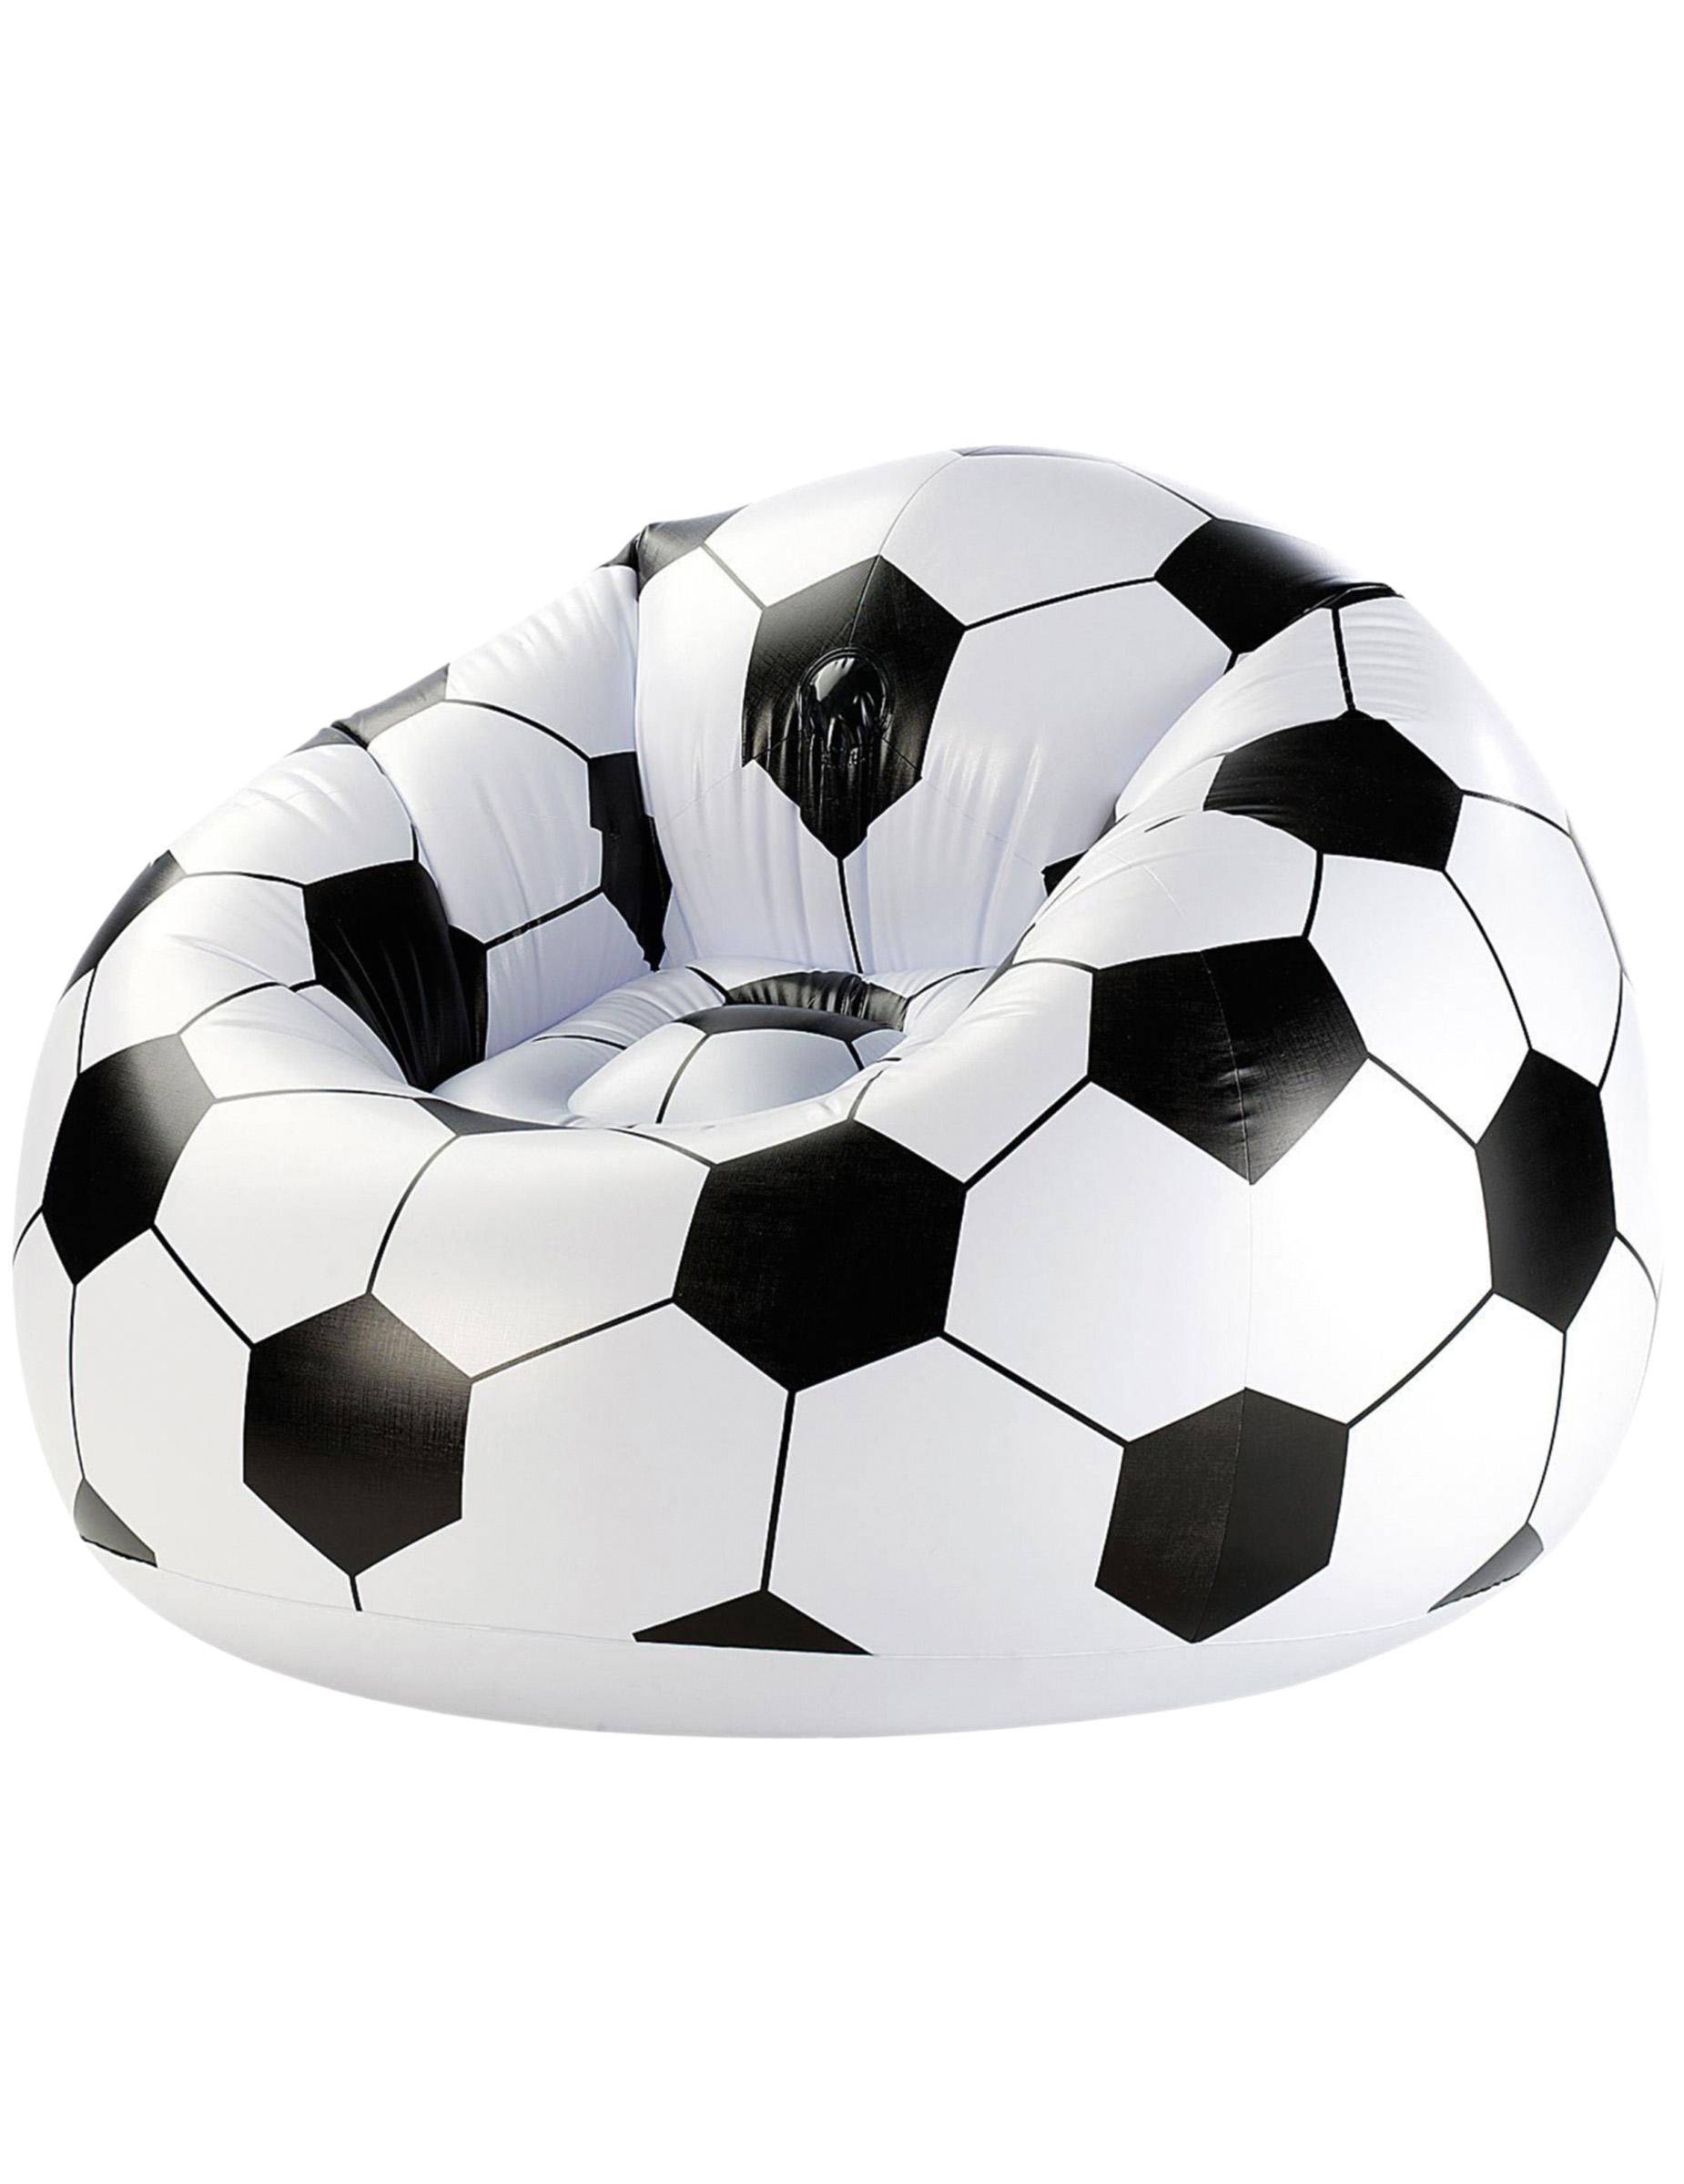 Poltrona gonfiabile pallone da calcio addobbi e vestiti - Pagina da colorare di un pallone da calcio ...